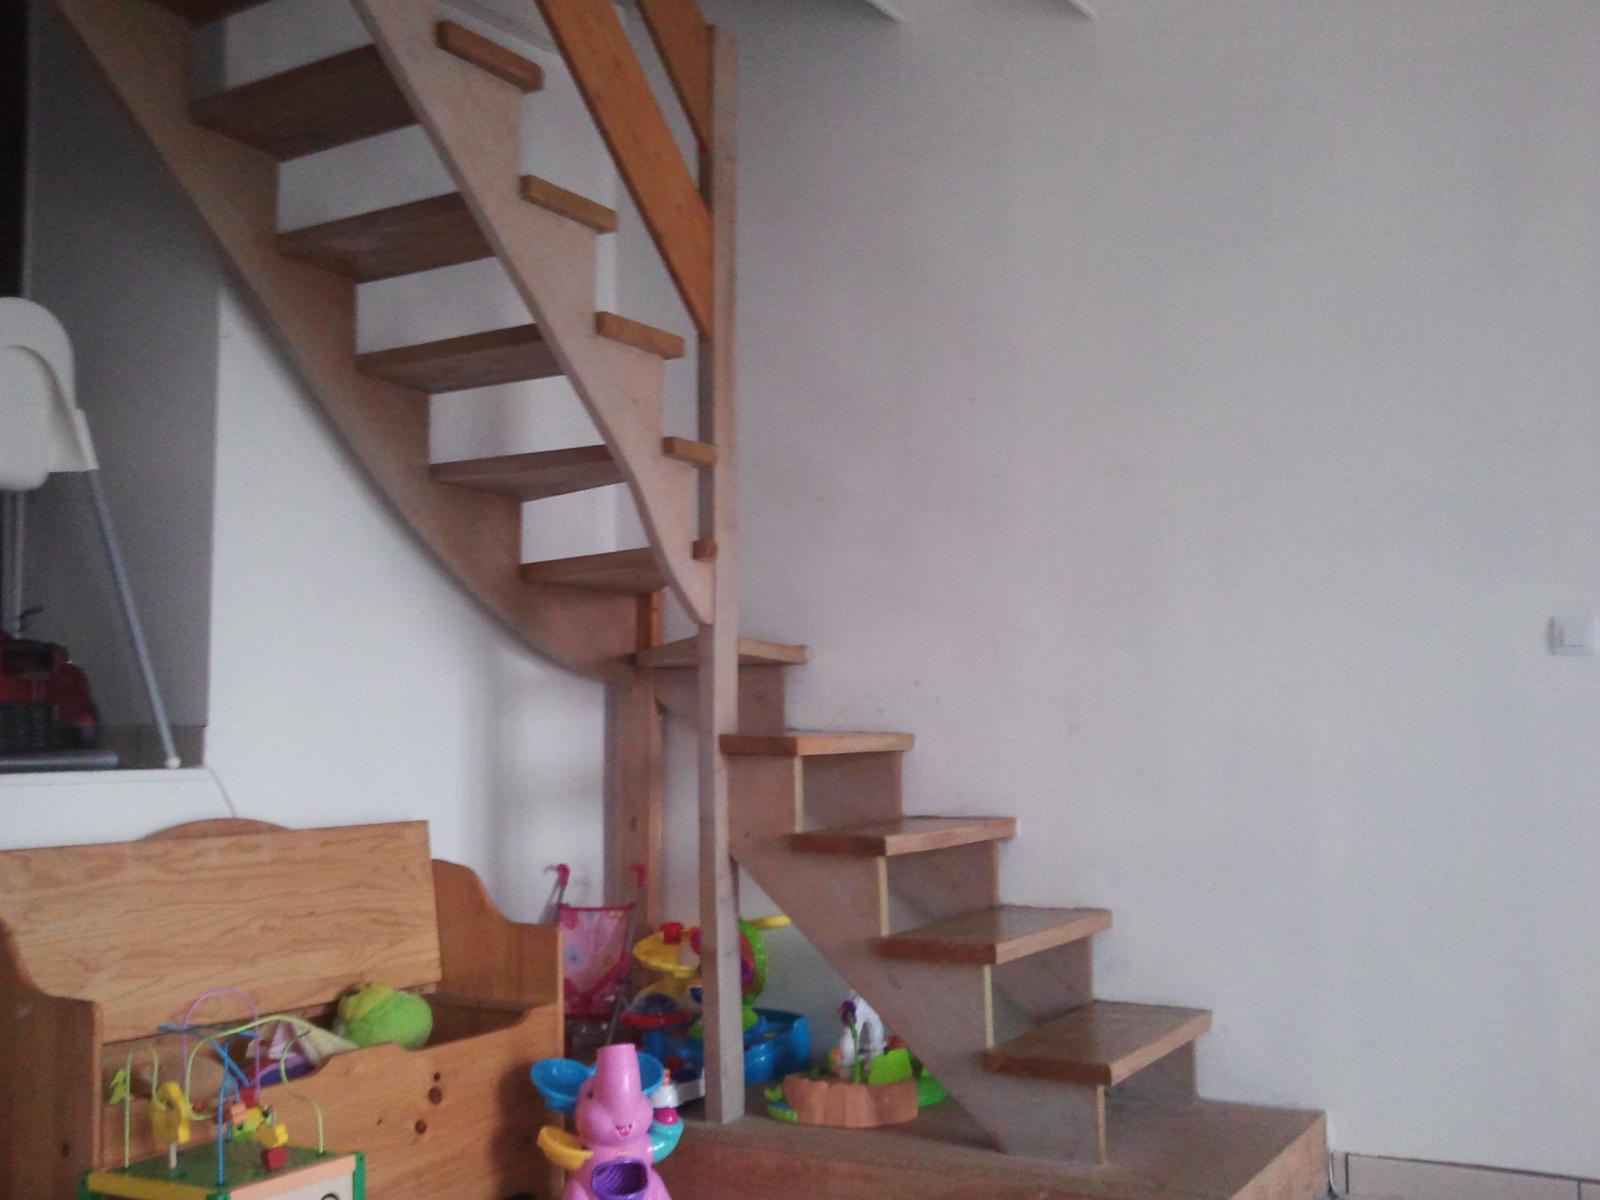 besoin d 39 aide pour s curiser un escalier s 39 il vous plait. Black Bedroom Furniture Sets. Home Design Ideas